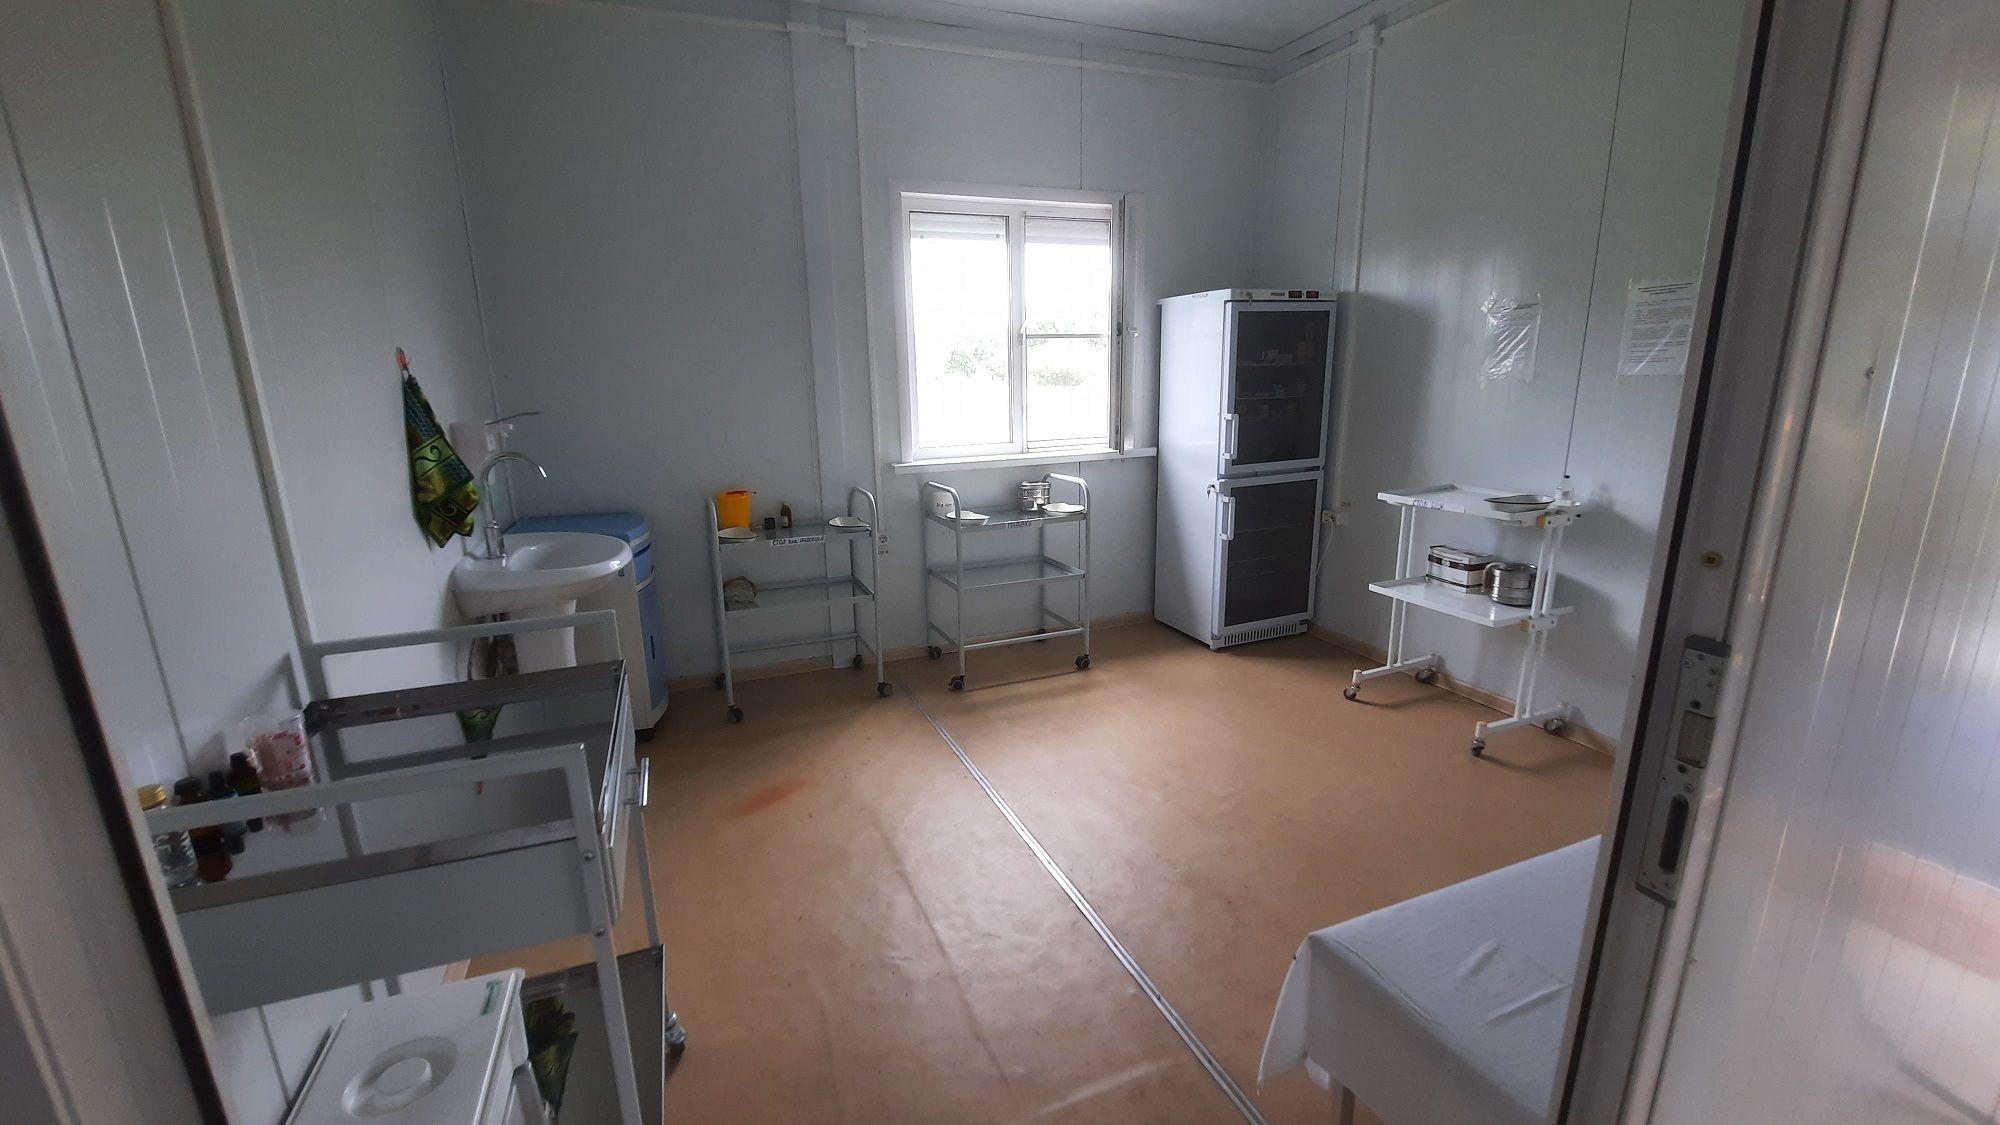 В новых ФАПах невозможно работать в жару - главврач районной больницы Еврейской автономии